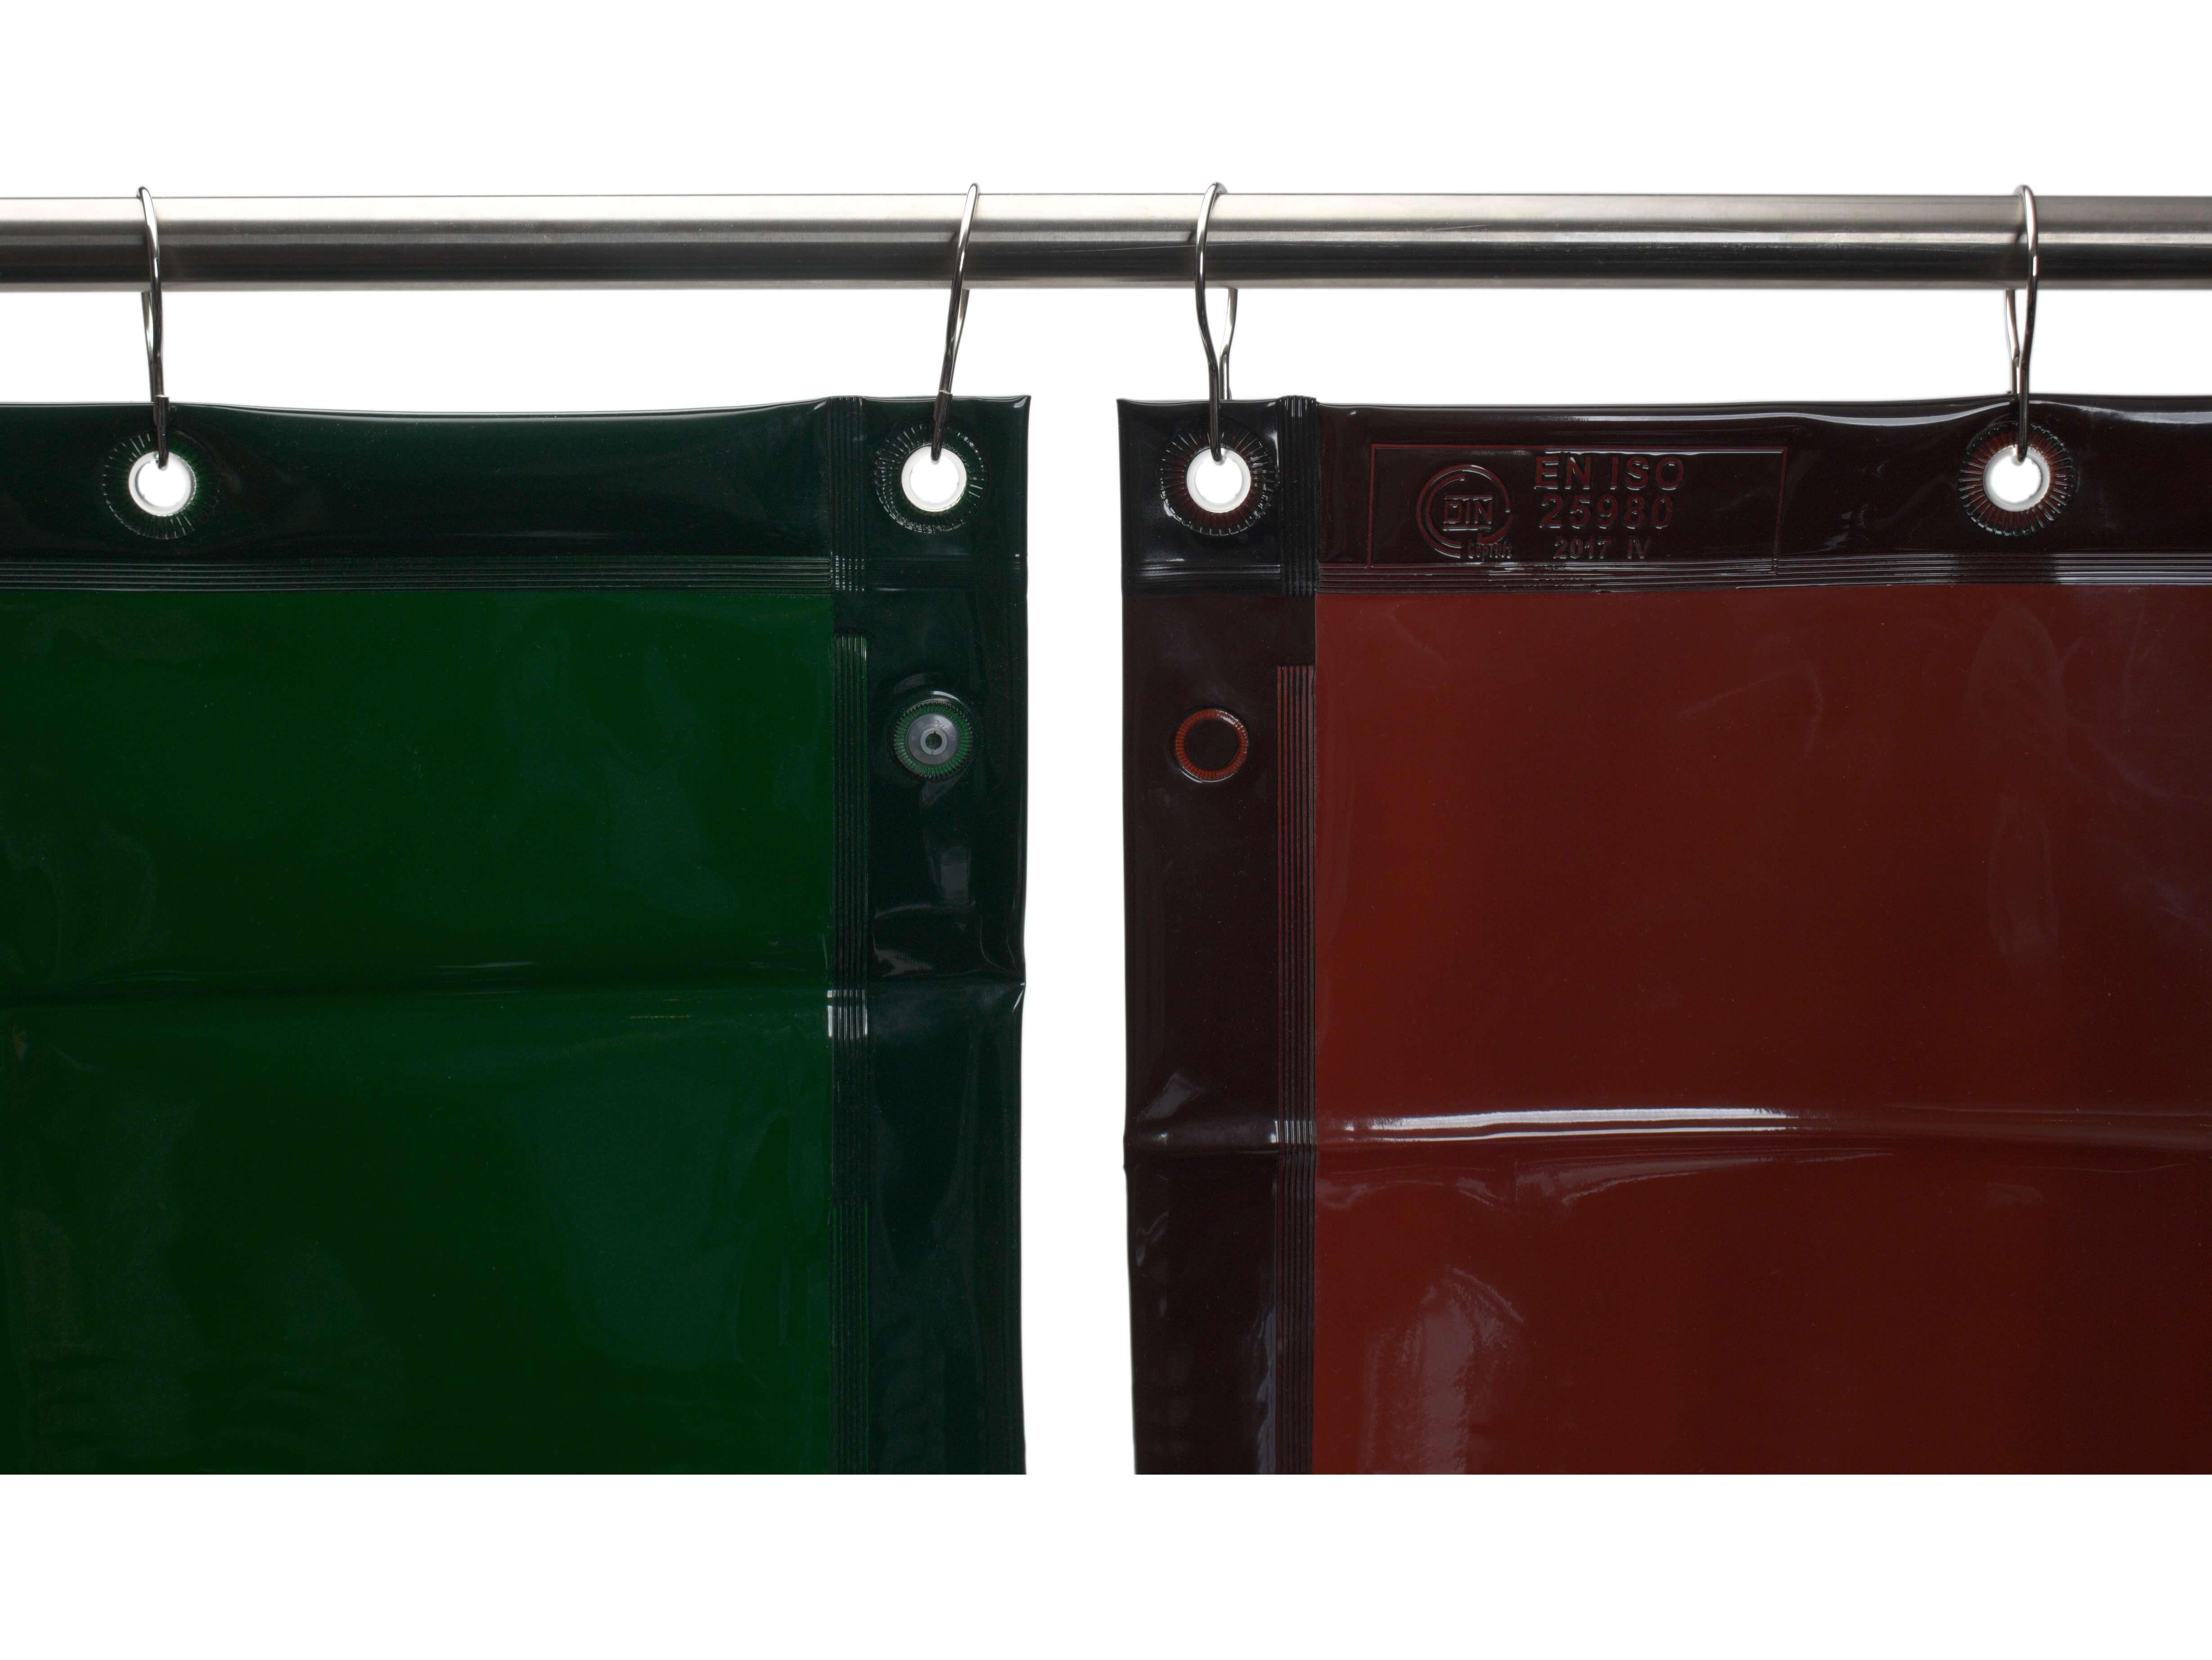 Zasłony spawalnicze z folii o grubości 0.4mm, dostępne są różne rozmiary i kolory